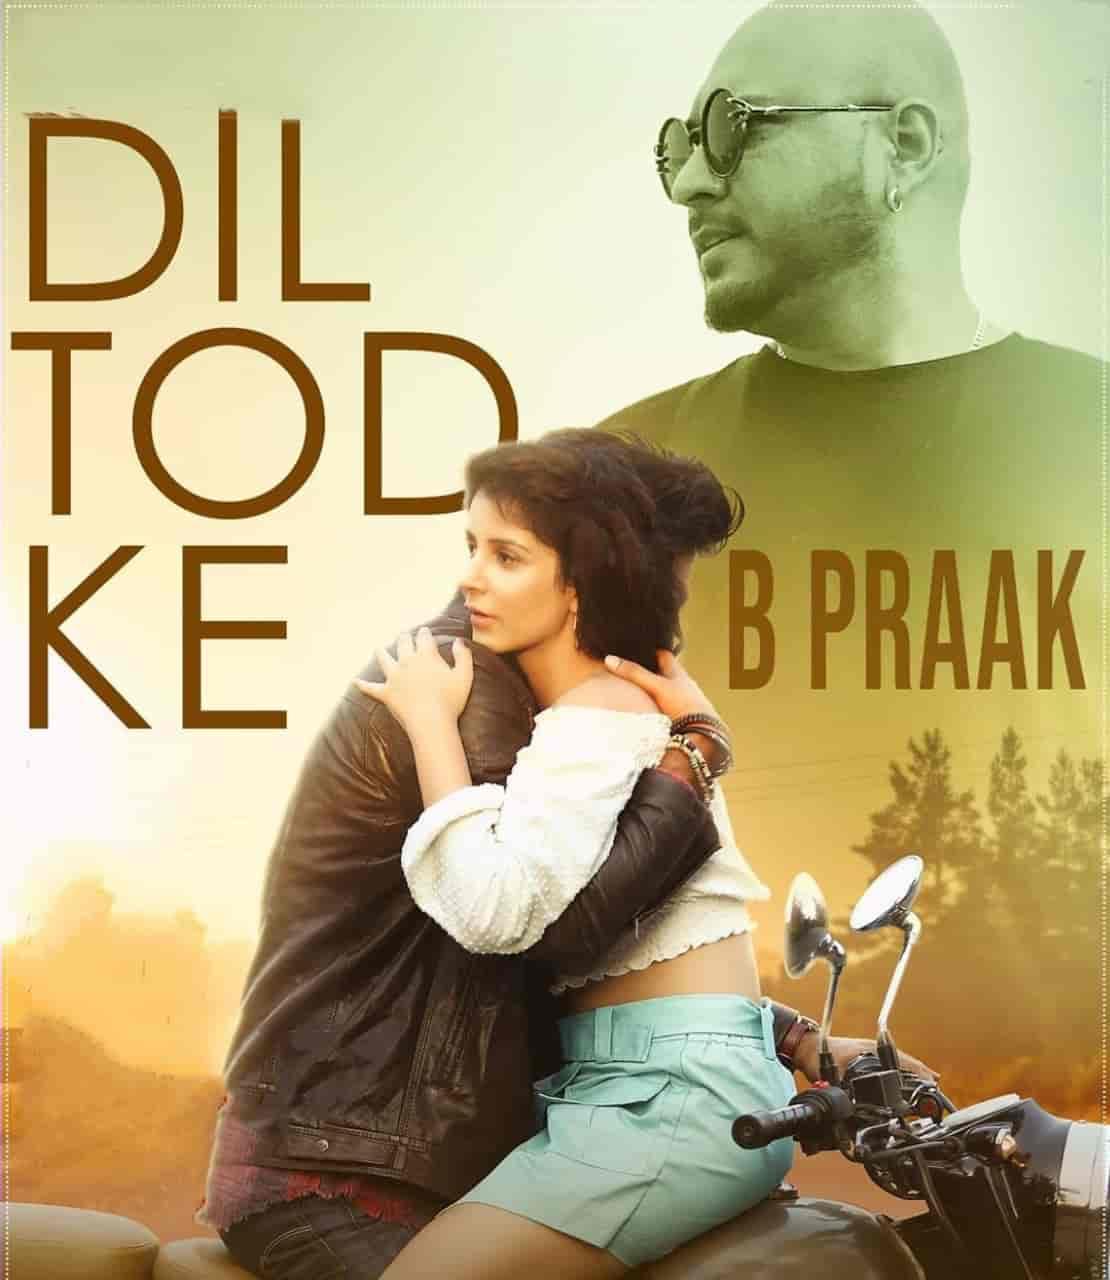 Dil Tod Ke Hindi Song Image By B Praak